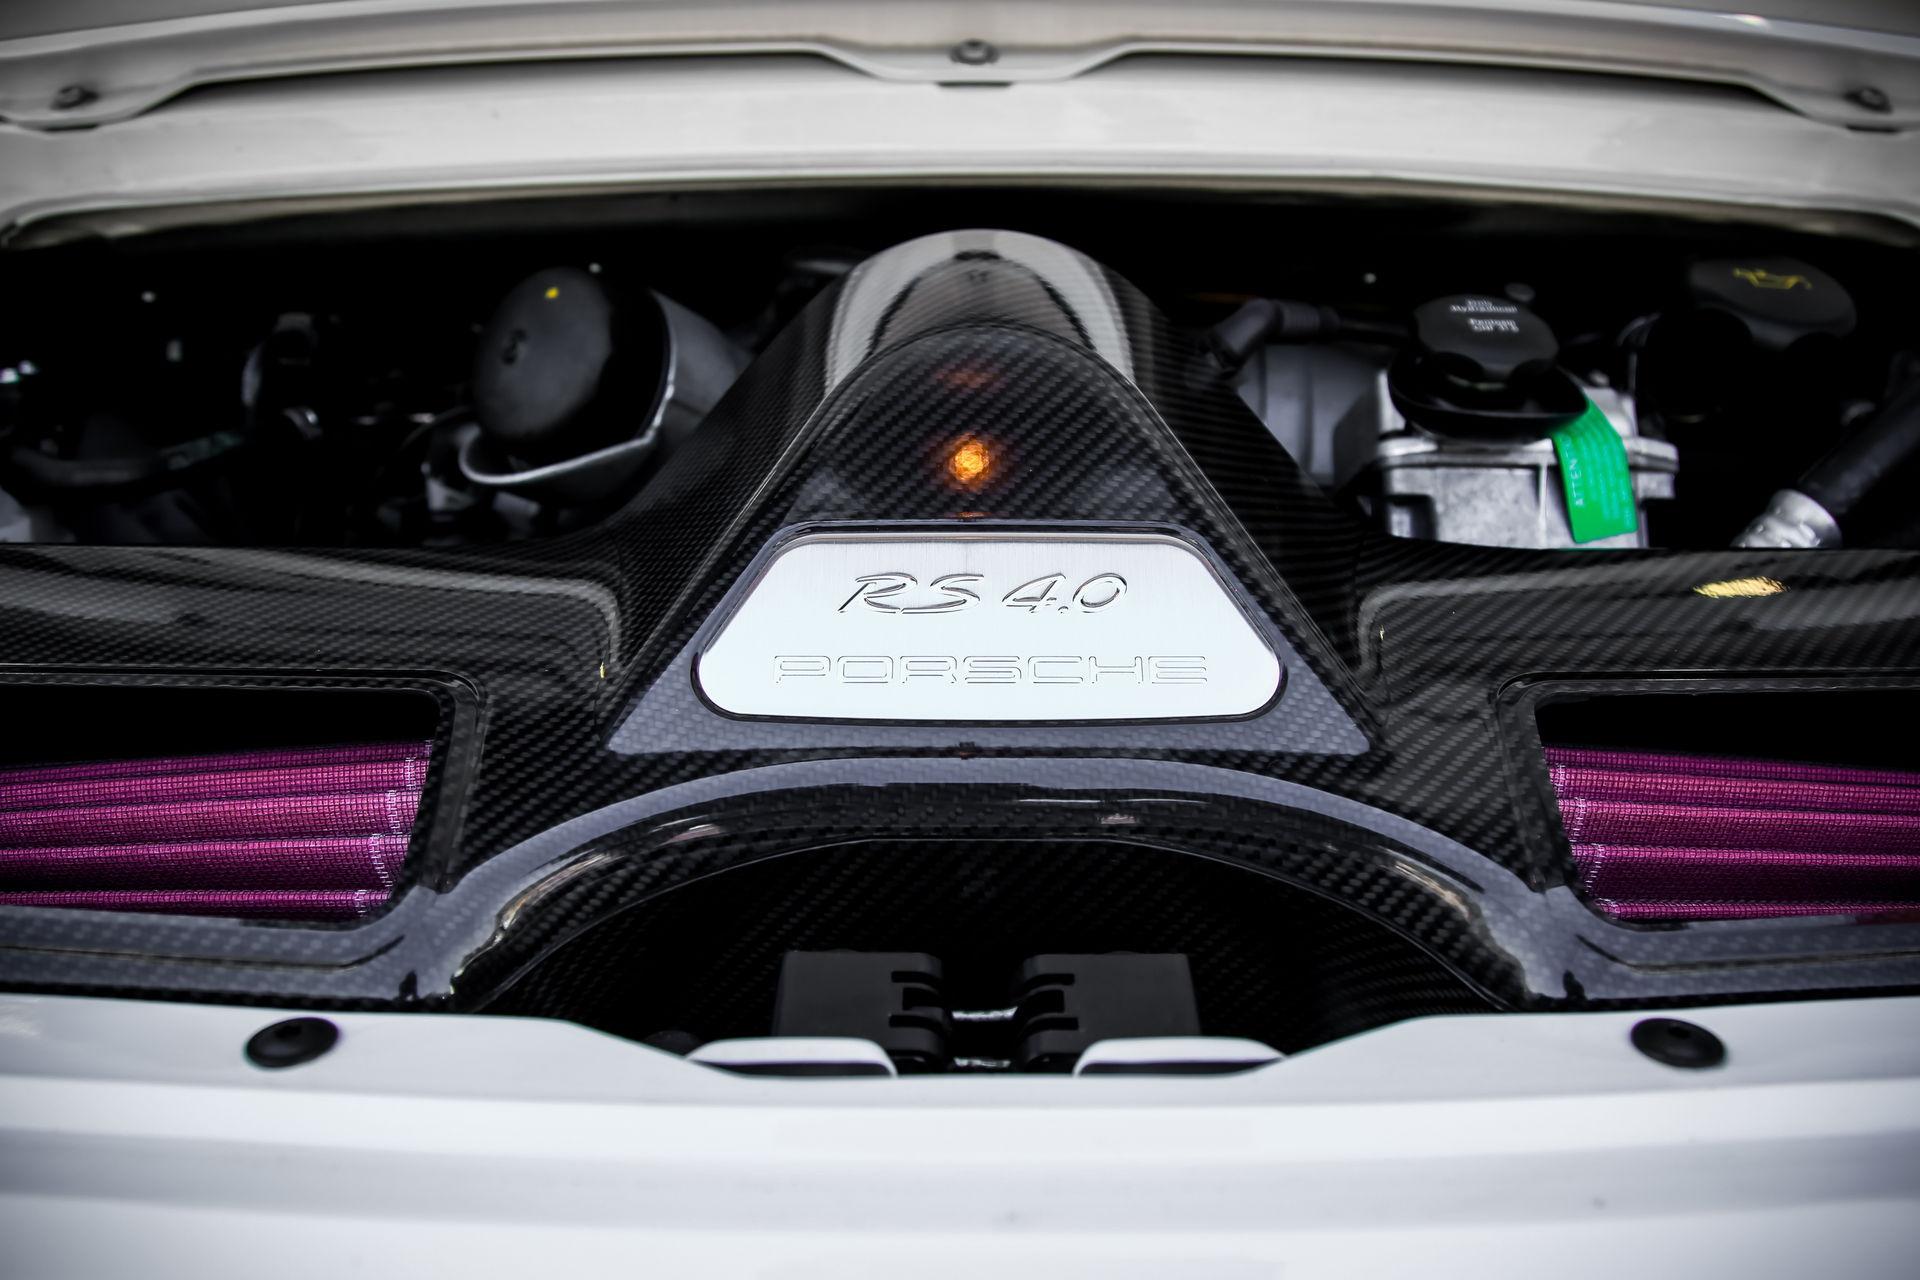 Ngam nhin Porsche 911 GT3 RS 4.0 2011 phien ban gioi han dac biet anh 18